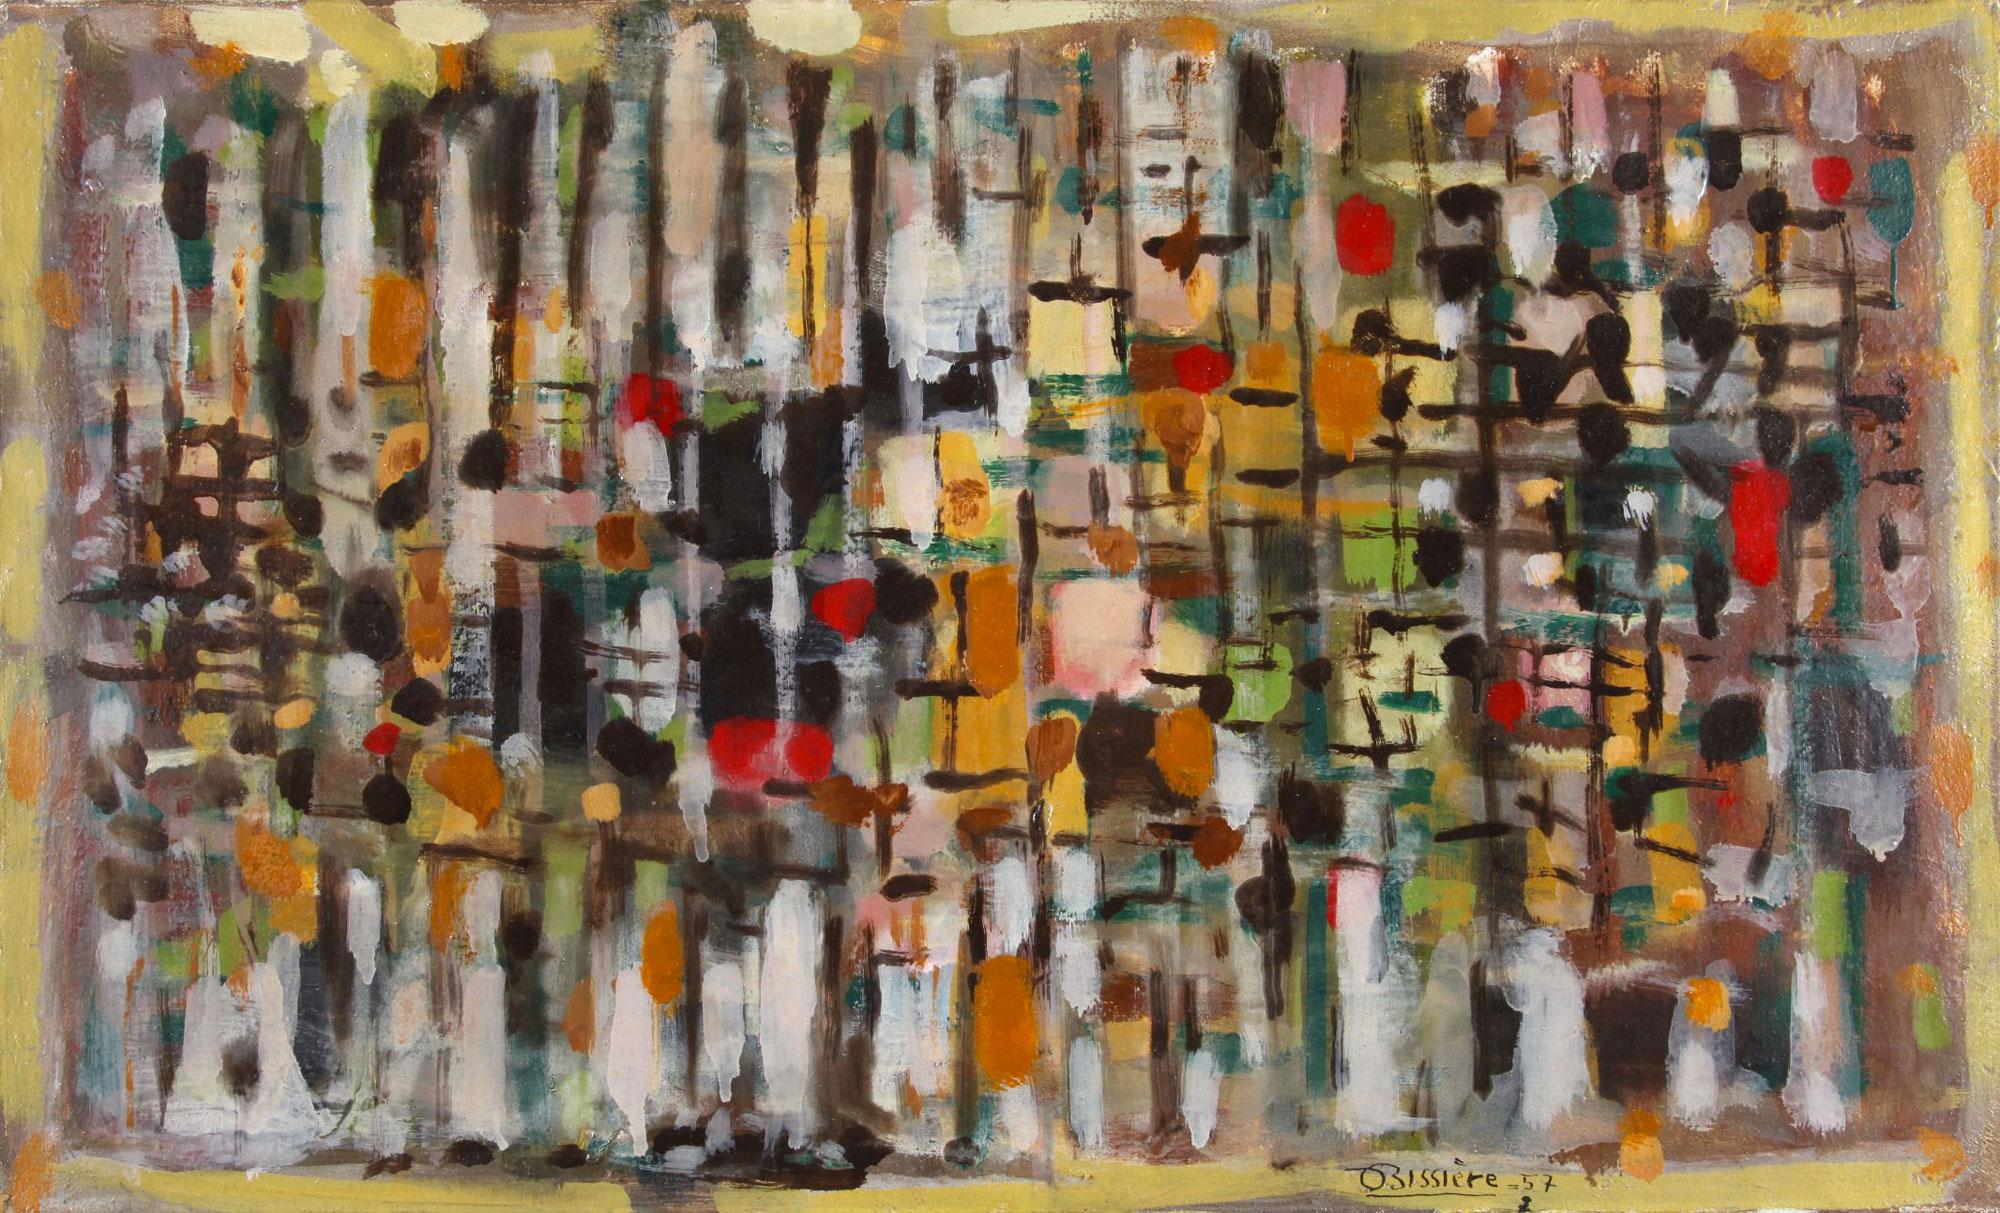 Composition 368, 1957 - Huile sur toile, 46 x 76 cm - Musée de la Cour d'or, Metz - Bissière cat. raisonné n° 2382